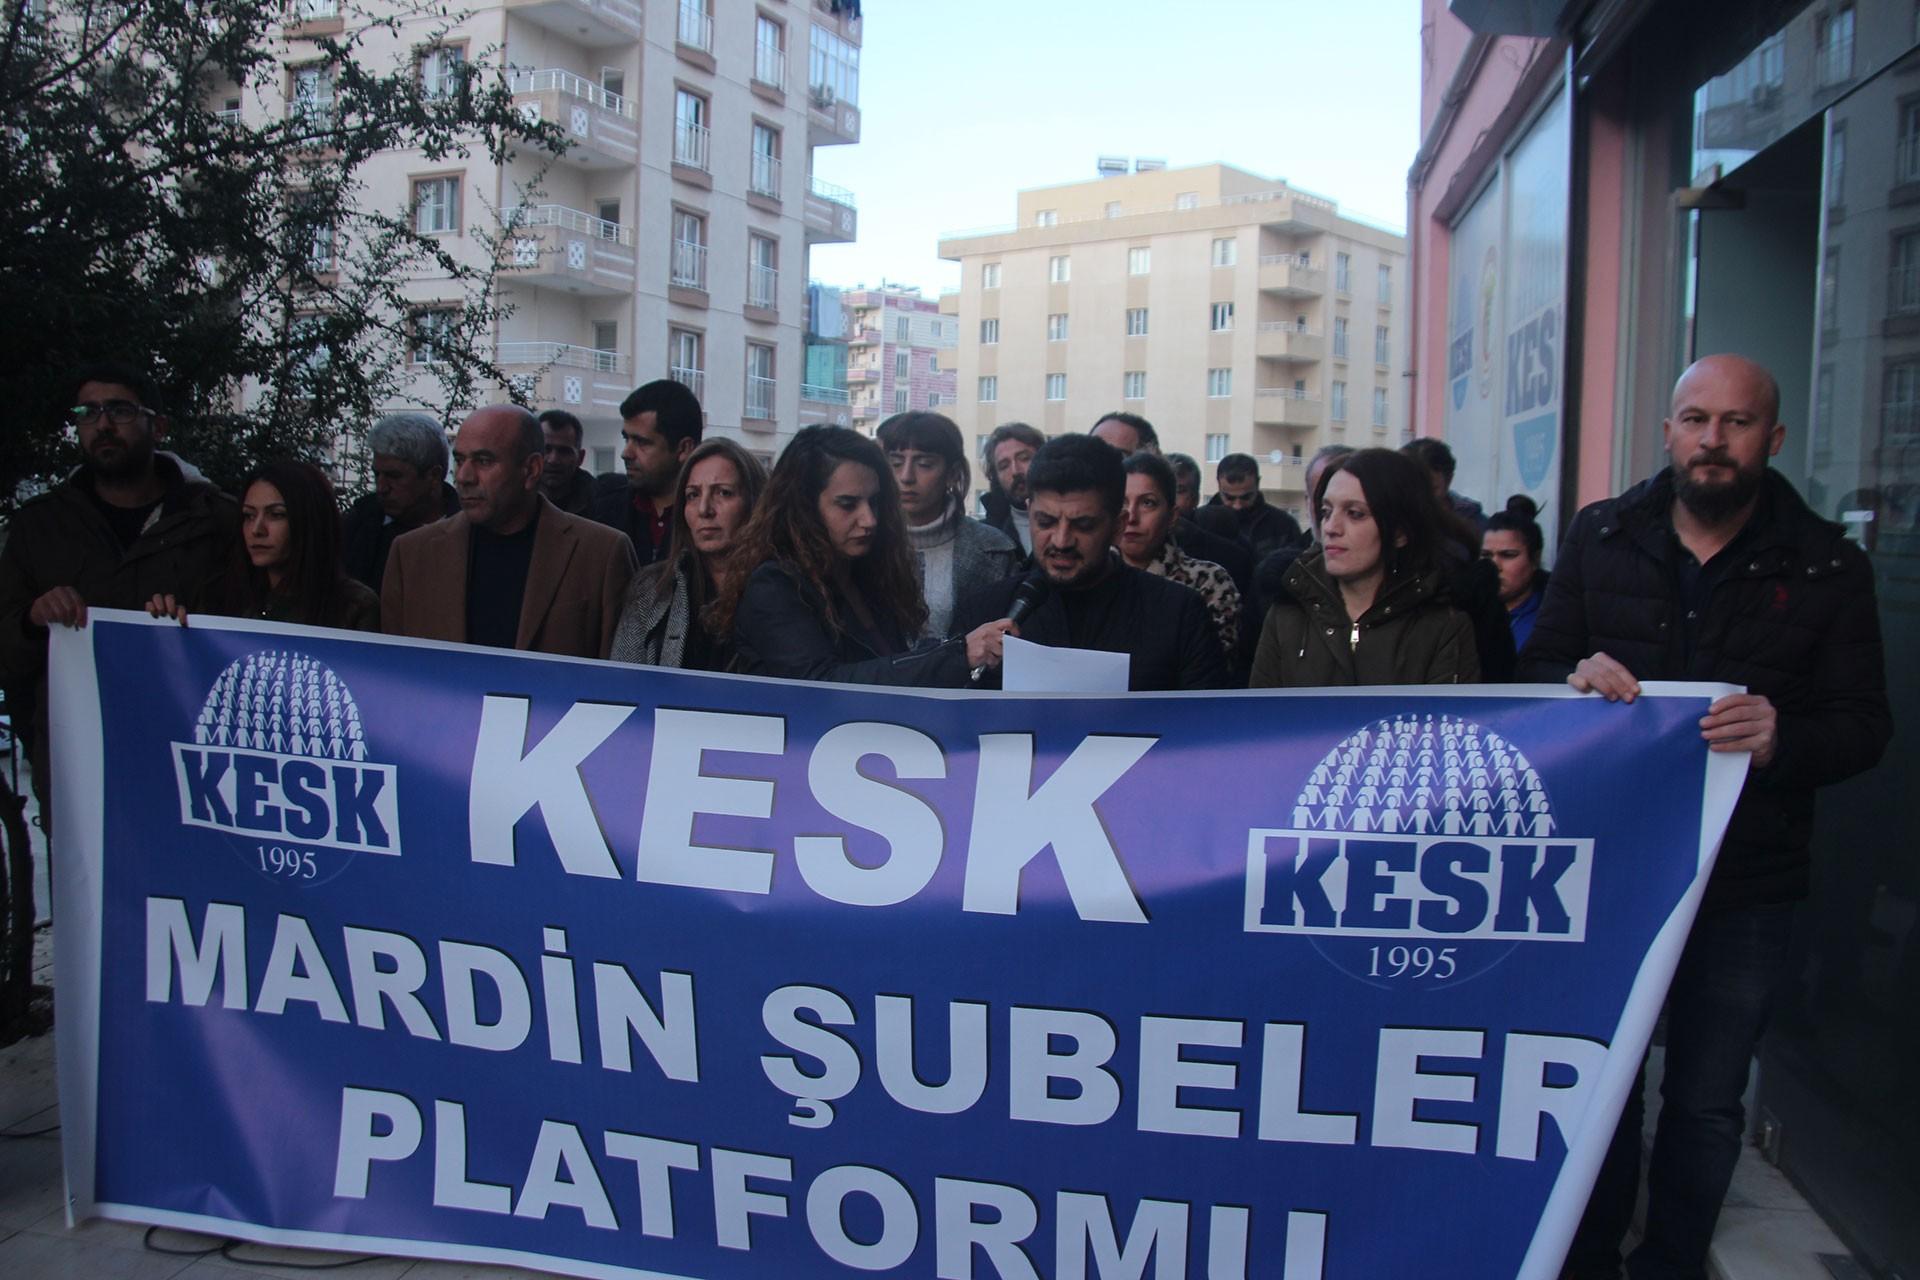 KESK Mardin Şubeler Platformu üyeleri